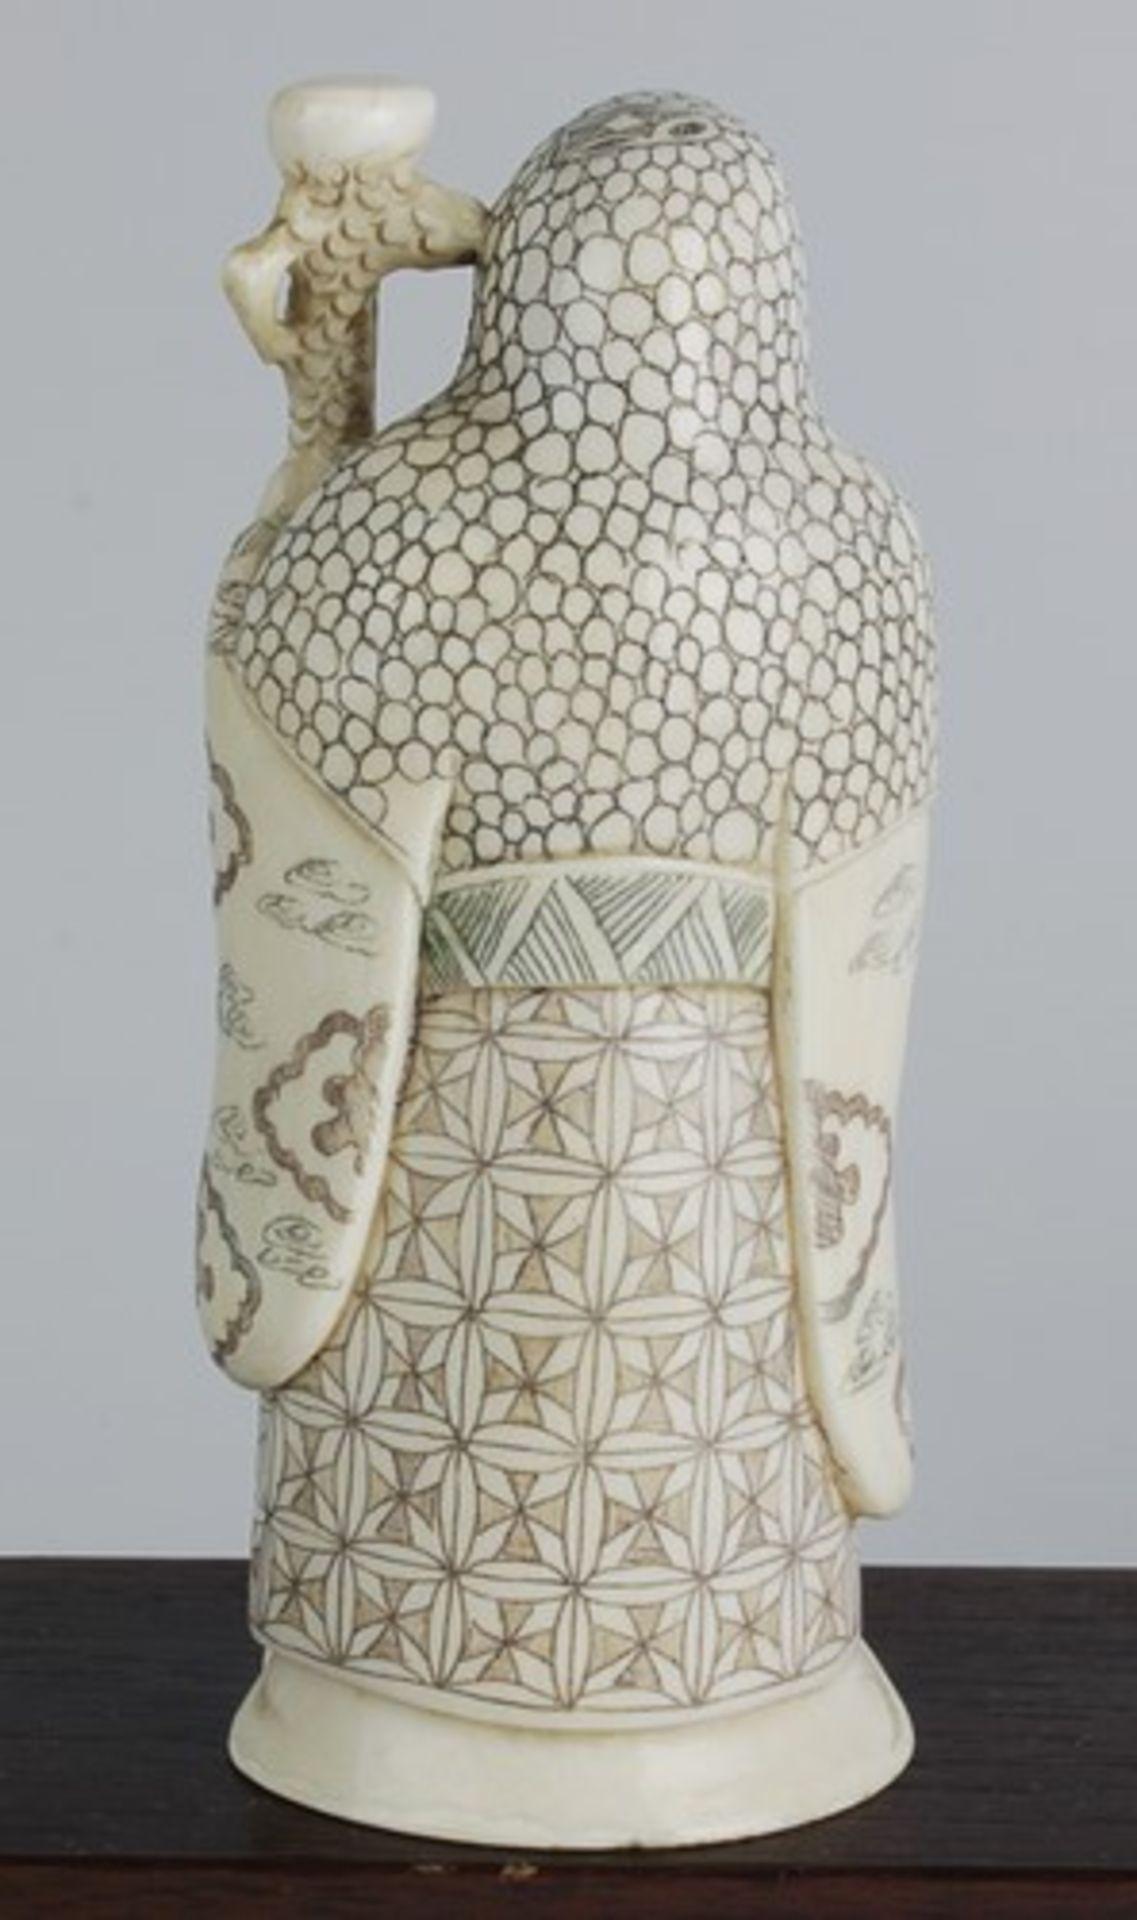 Figurengruppe - Chinaum 1920, 7x vollplastische Elfenbein-Schnitzereien, partiell geschwärzt, - Bild 4 aus 24